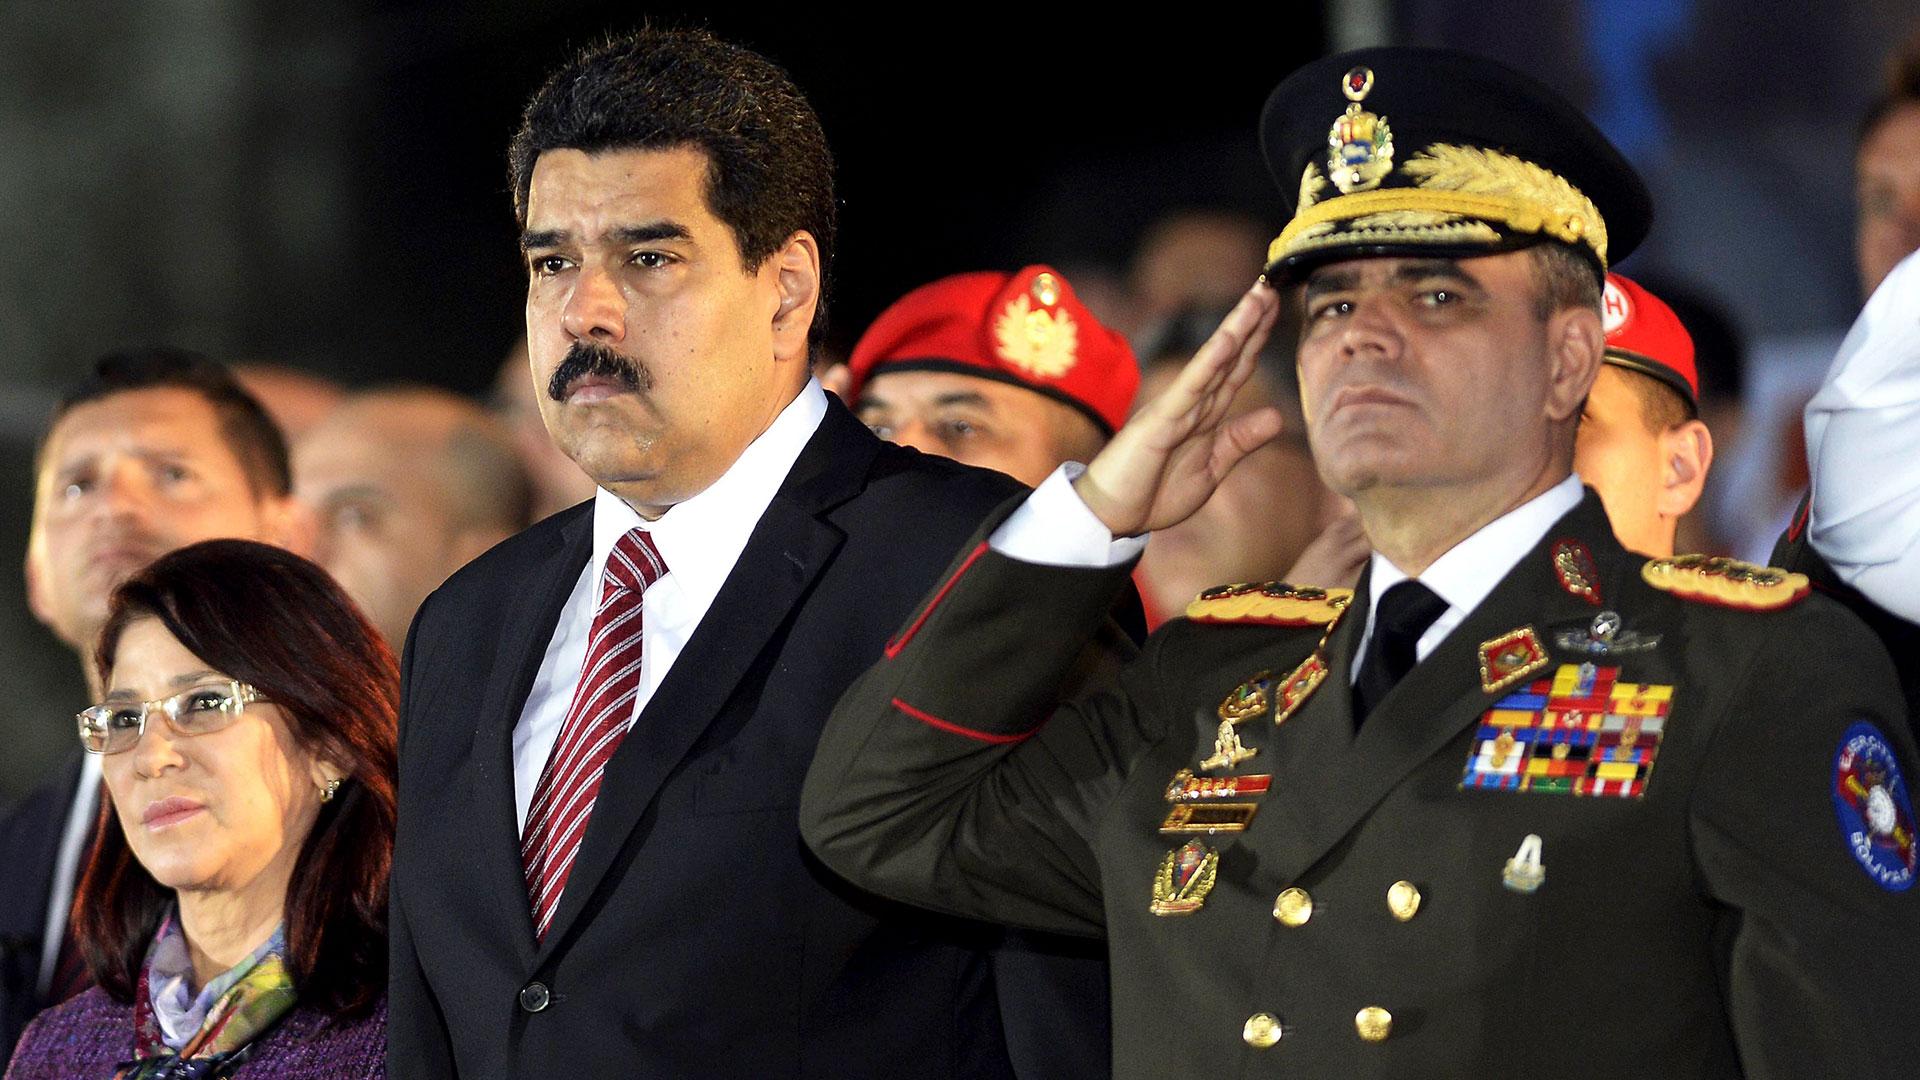 El dictador venezolano Nicolás Maduro. (AFP)